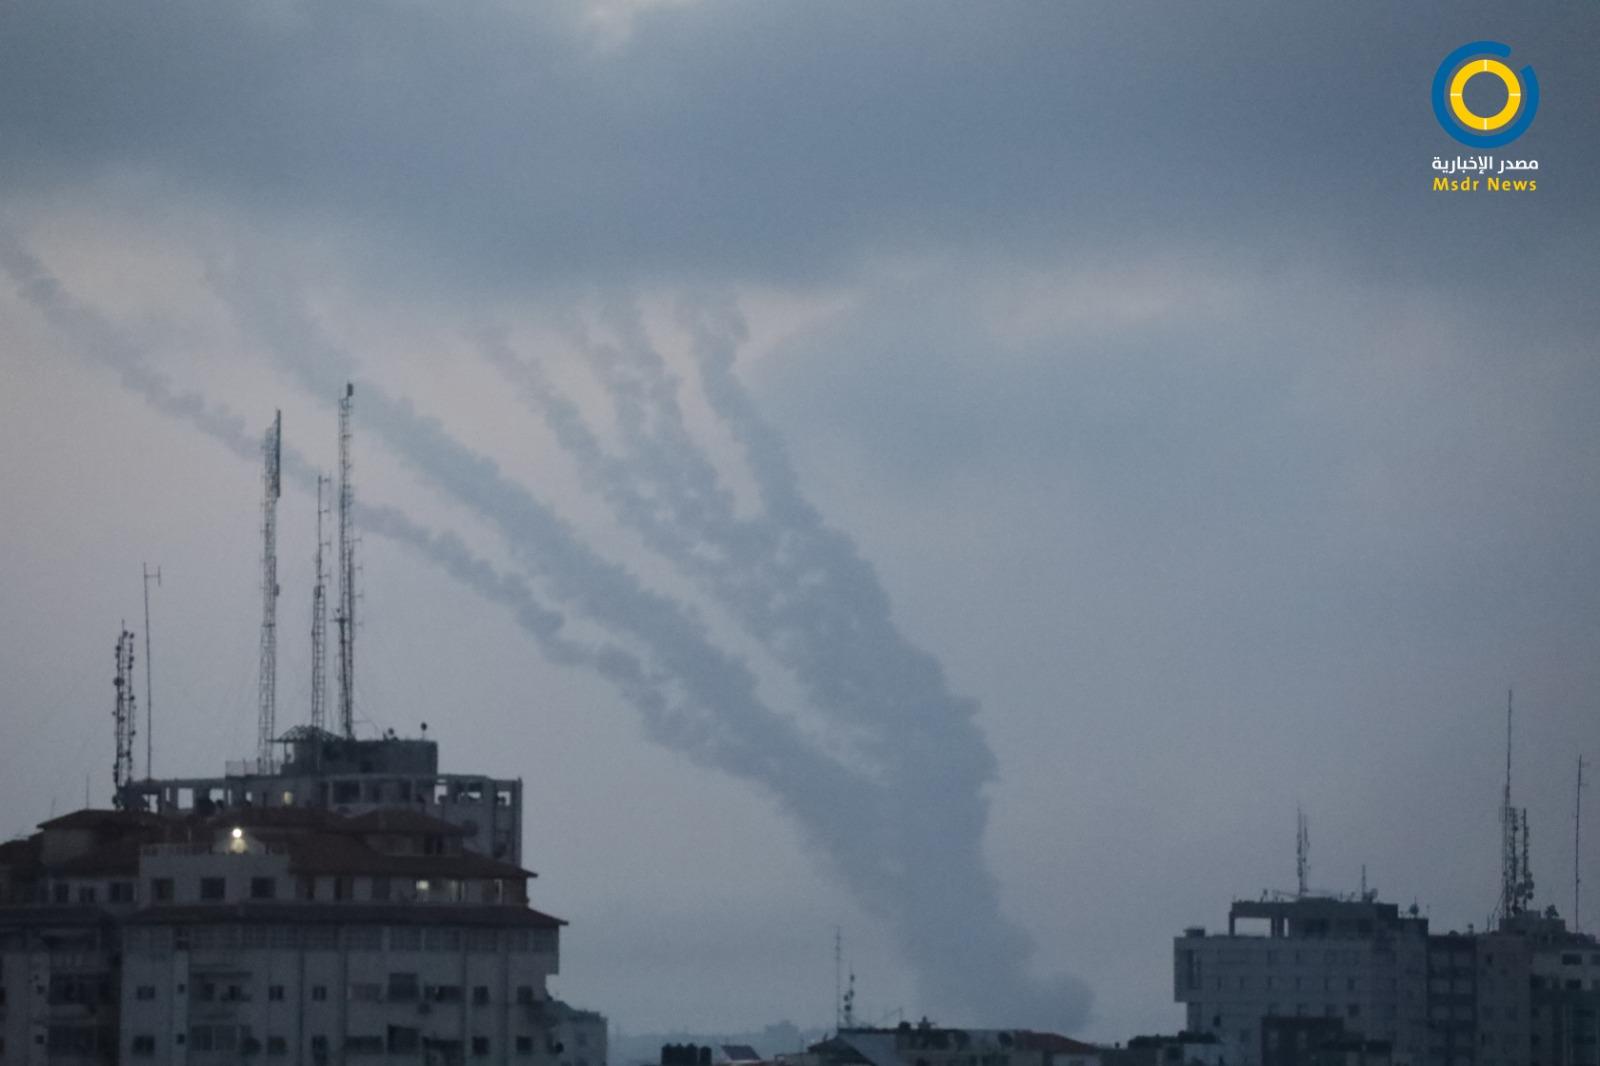 مقتل جنديين إسرائيليين وإصابة 10 آخرين جراء رشقات صاروخية من غزة